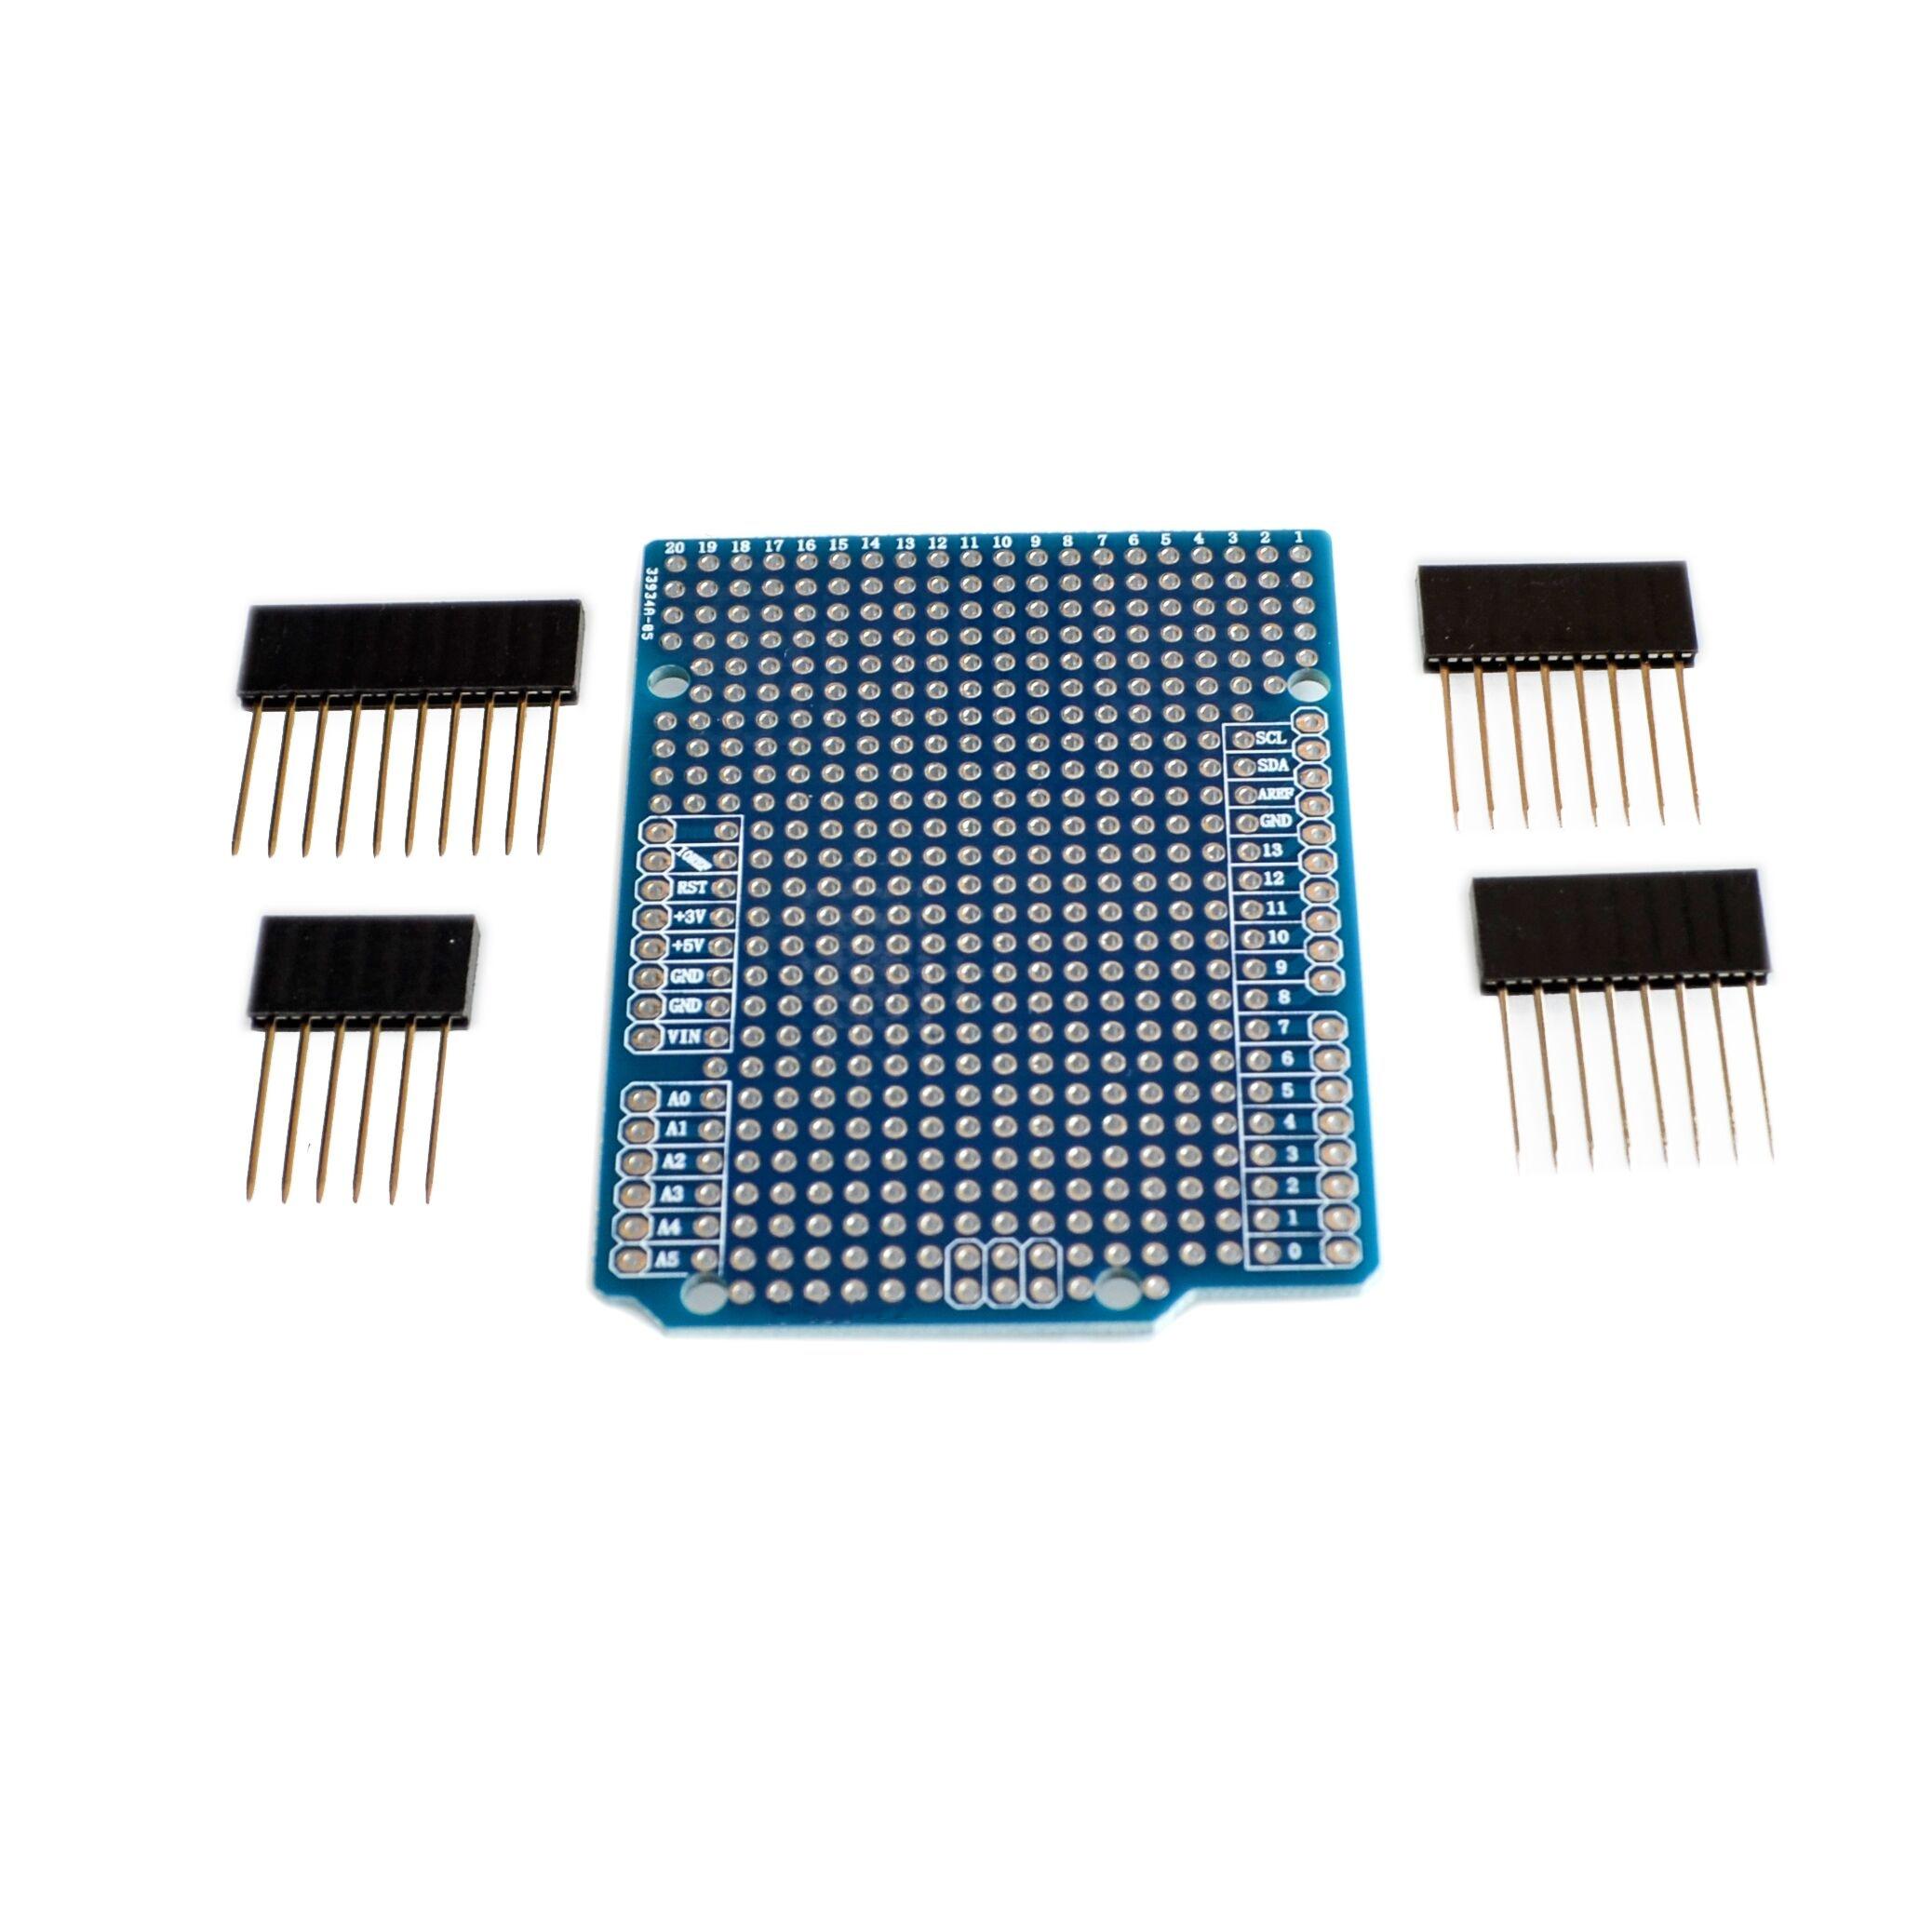 Placa de expansión prototipo de PCB para Arduino ATMEGA328P UNO R3 Shield, placa de pruebas de PCB de fibra de FR-4, inclinación de 2mm y 2,54mm con pines DIY